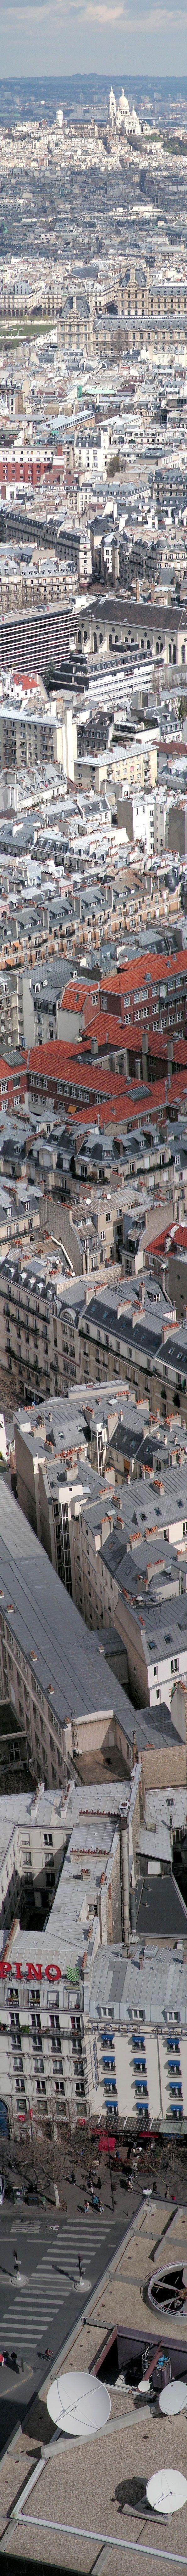 Paris...amazing shot!